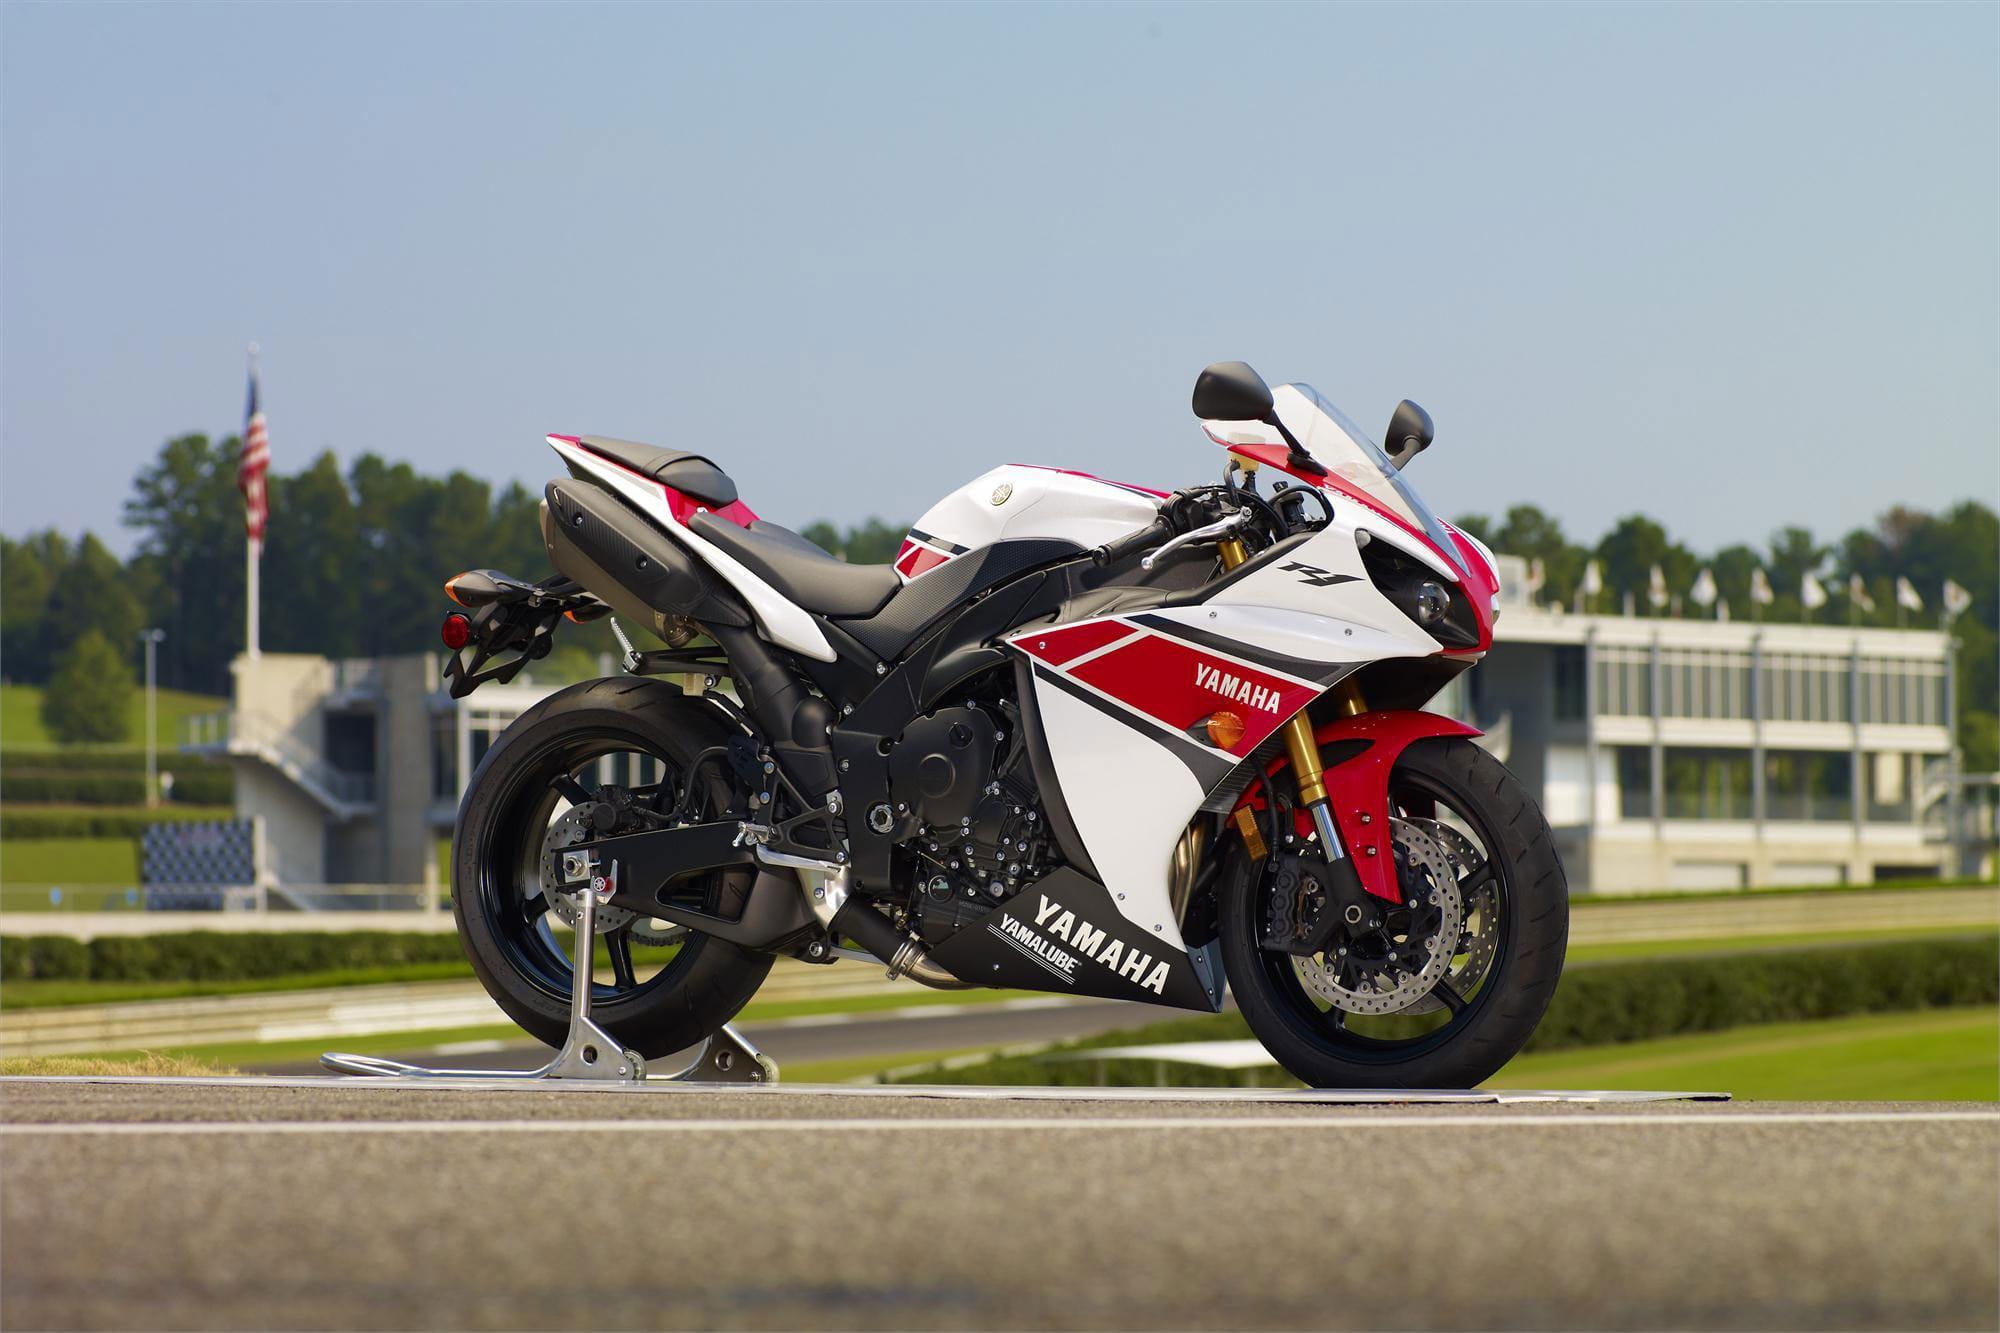 Yamaha YZF-R1 2012 Backgrounds